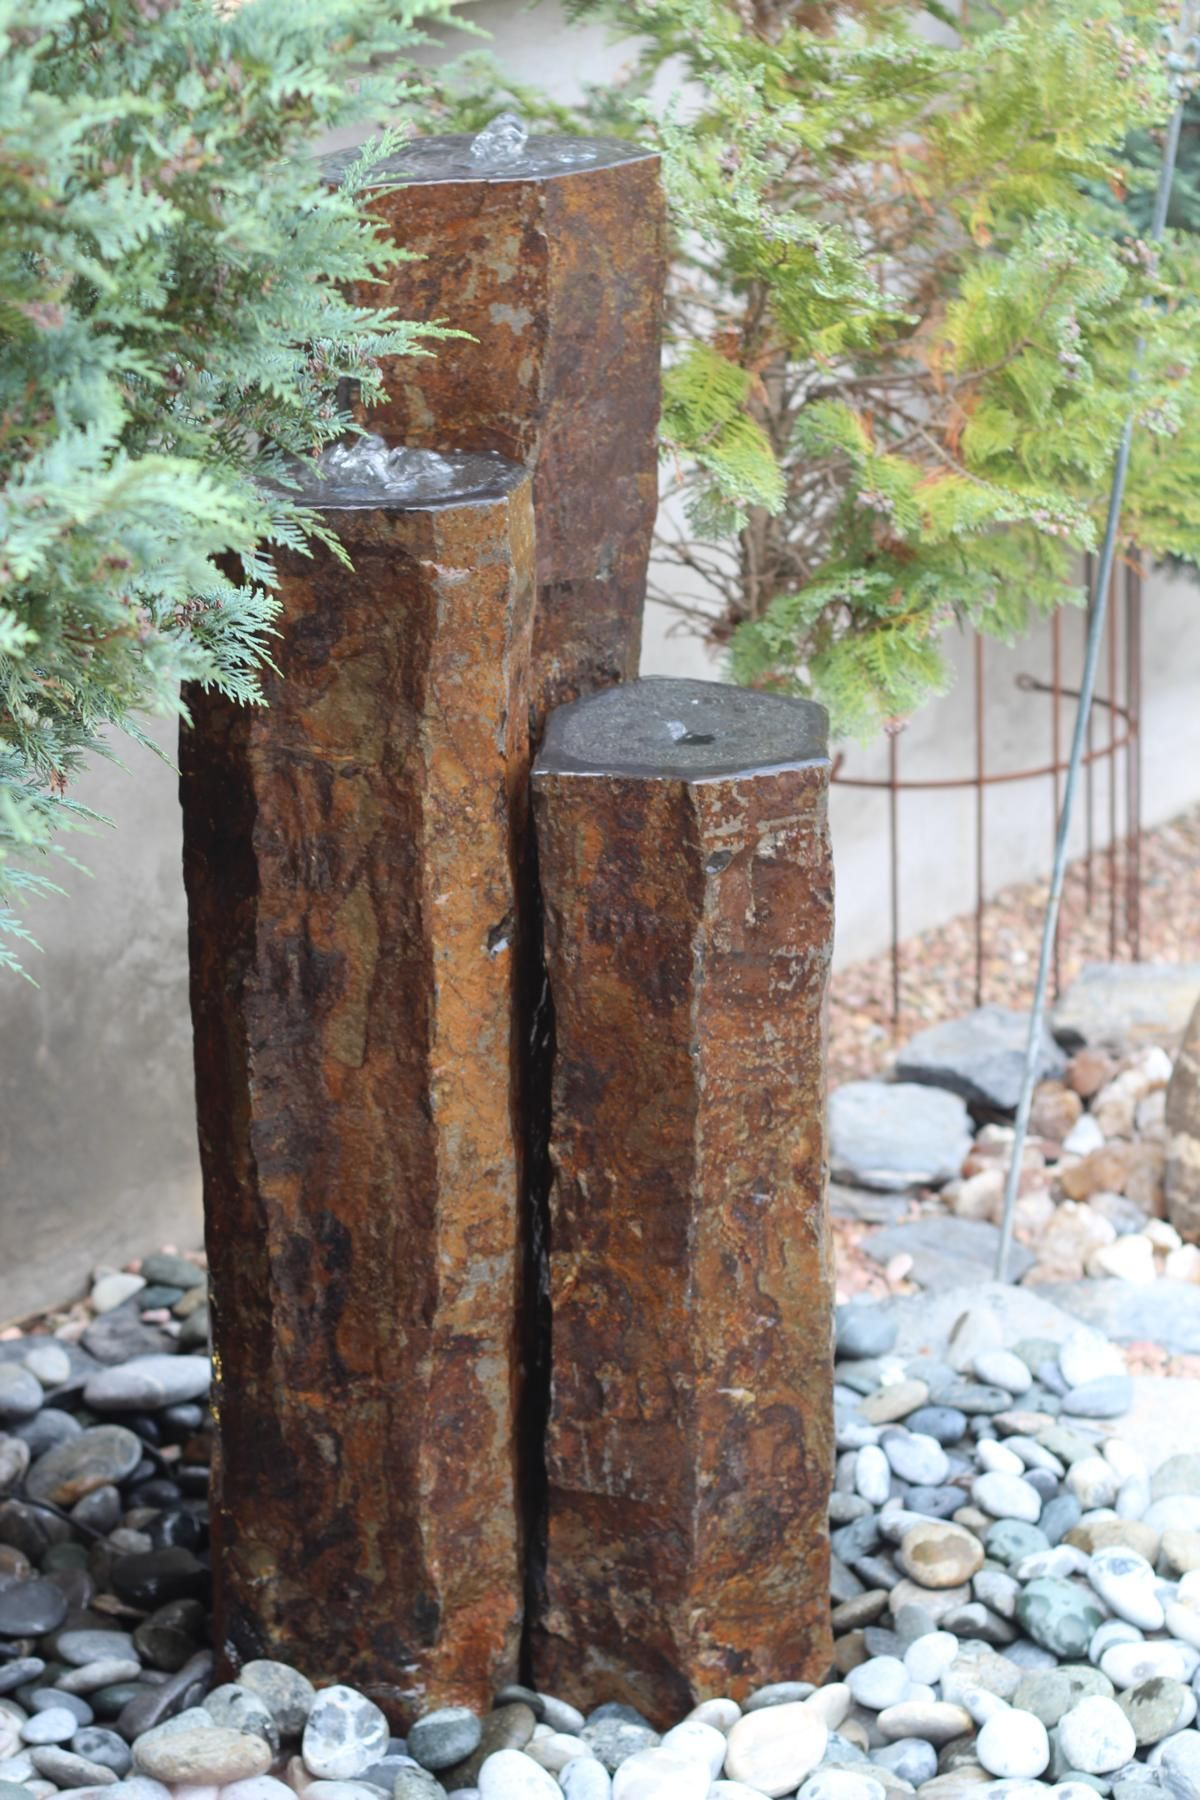 Quellstein 3er Basalt Sulen Wasserspiel Gartenbrunnen Wasser im Garten  Ausstellung